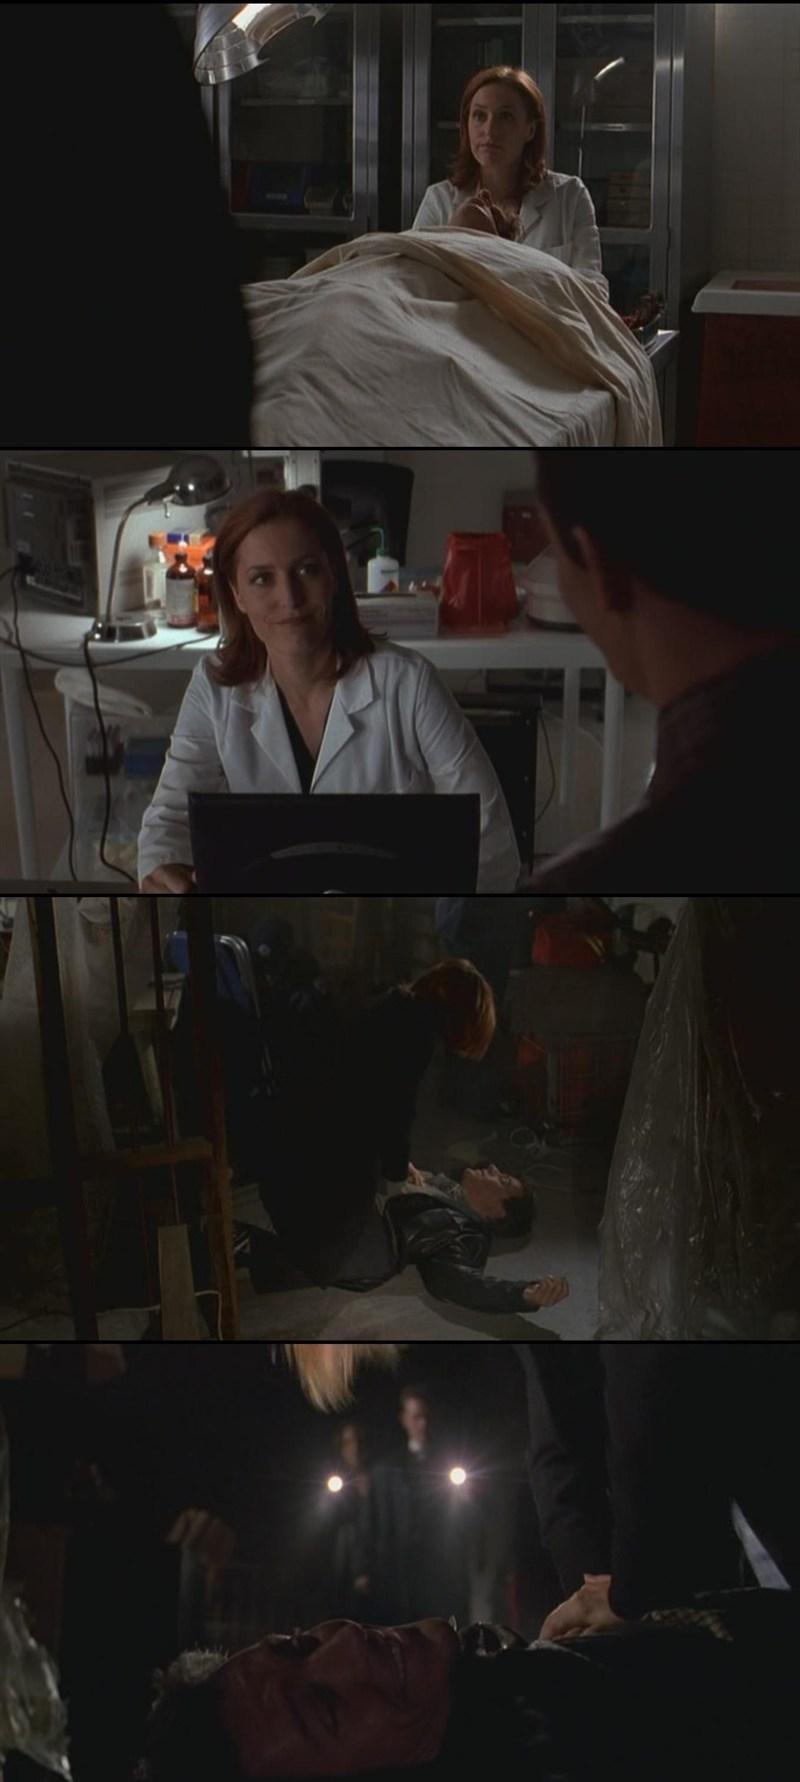 Adoro quando Scully fa quelle faccette ahahahahahah M'hanno fatto morire tutte le scene con Scully e Rocky... poi il finale ahahahahahahahahahahah